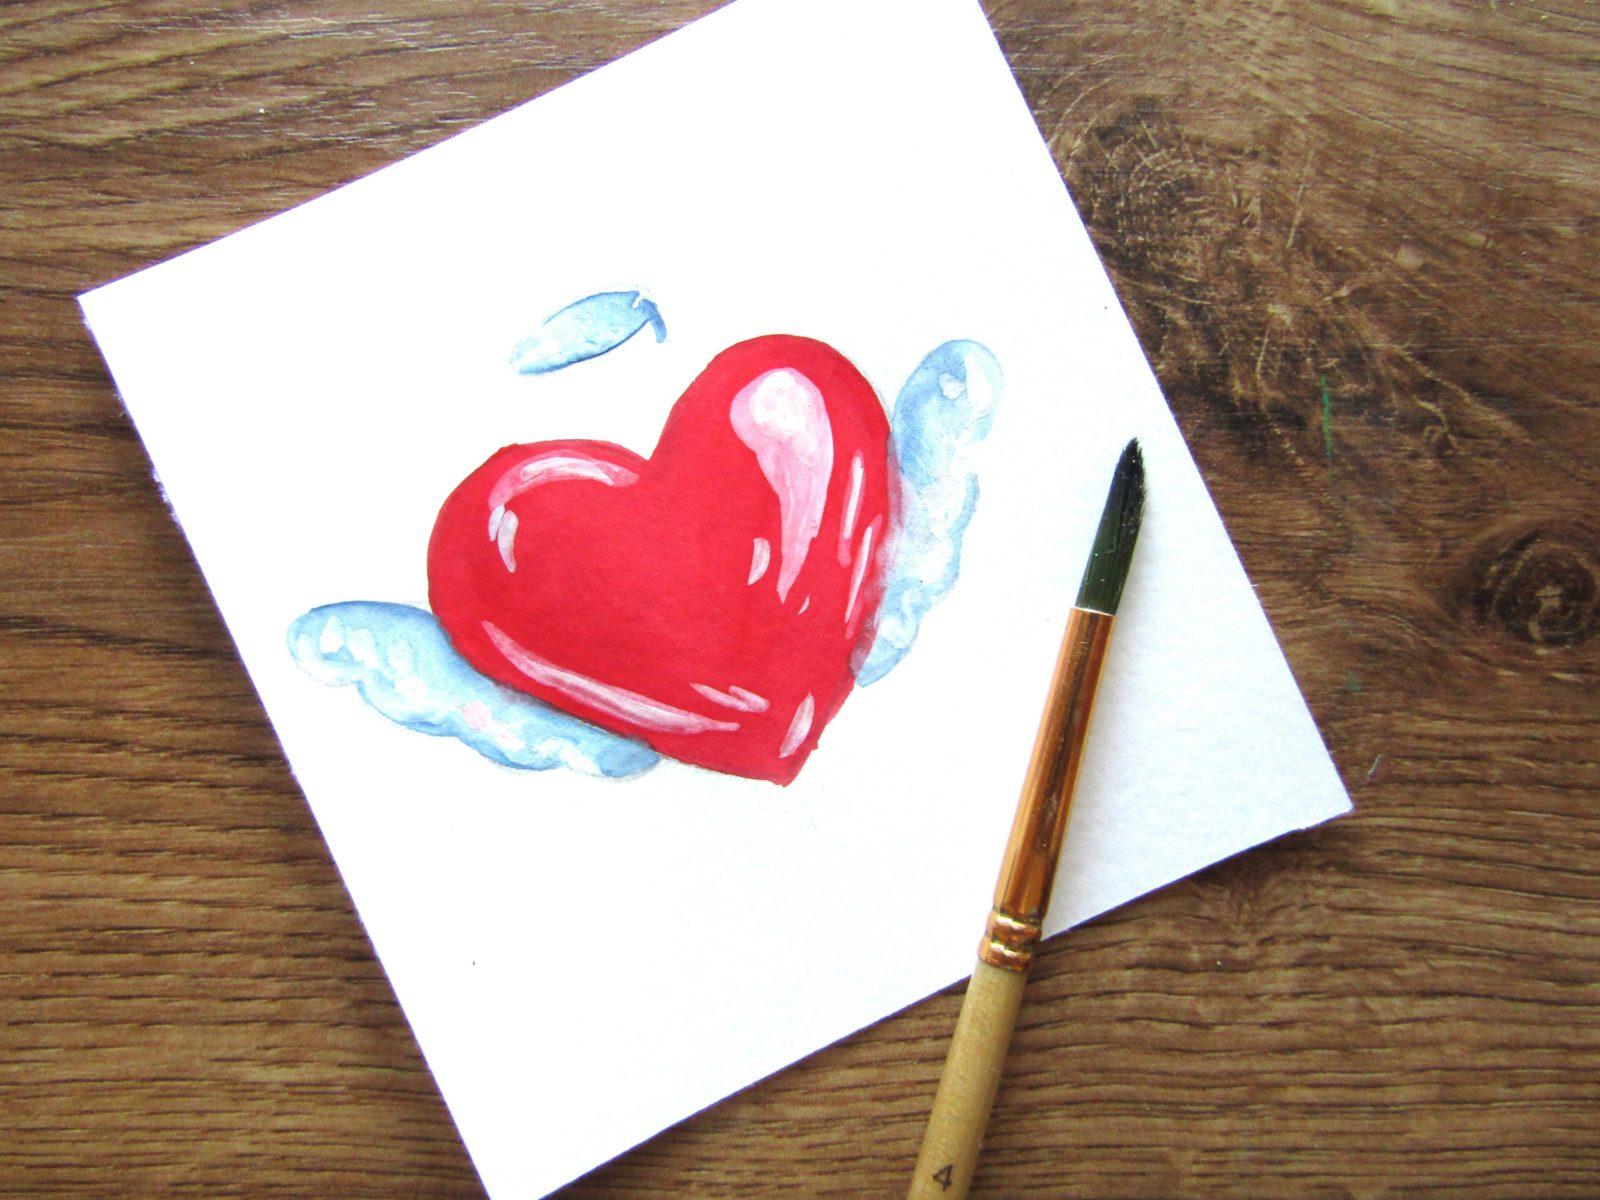 Как нарисовать сердечко гуашью - 9